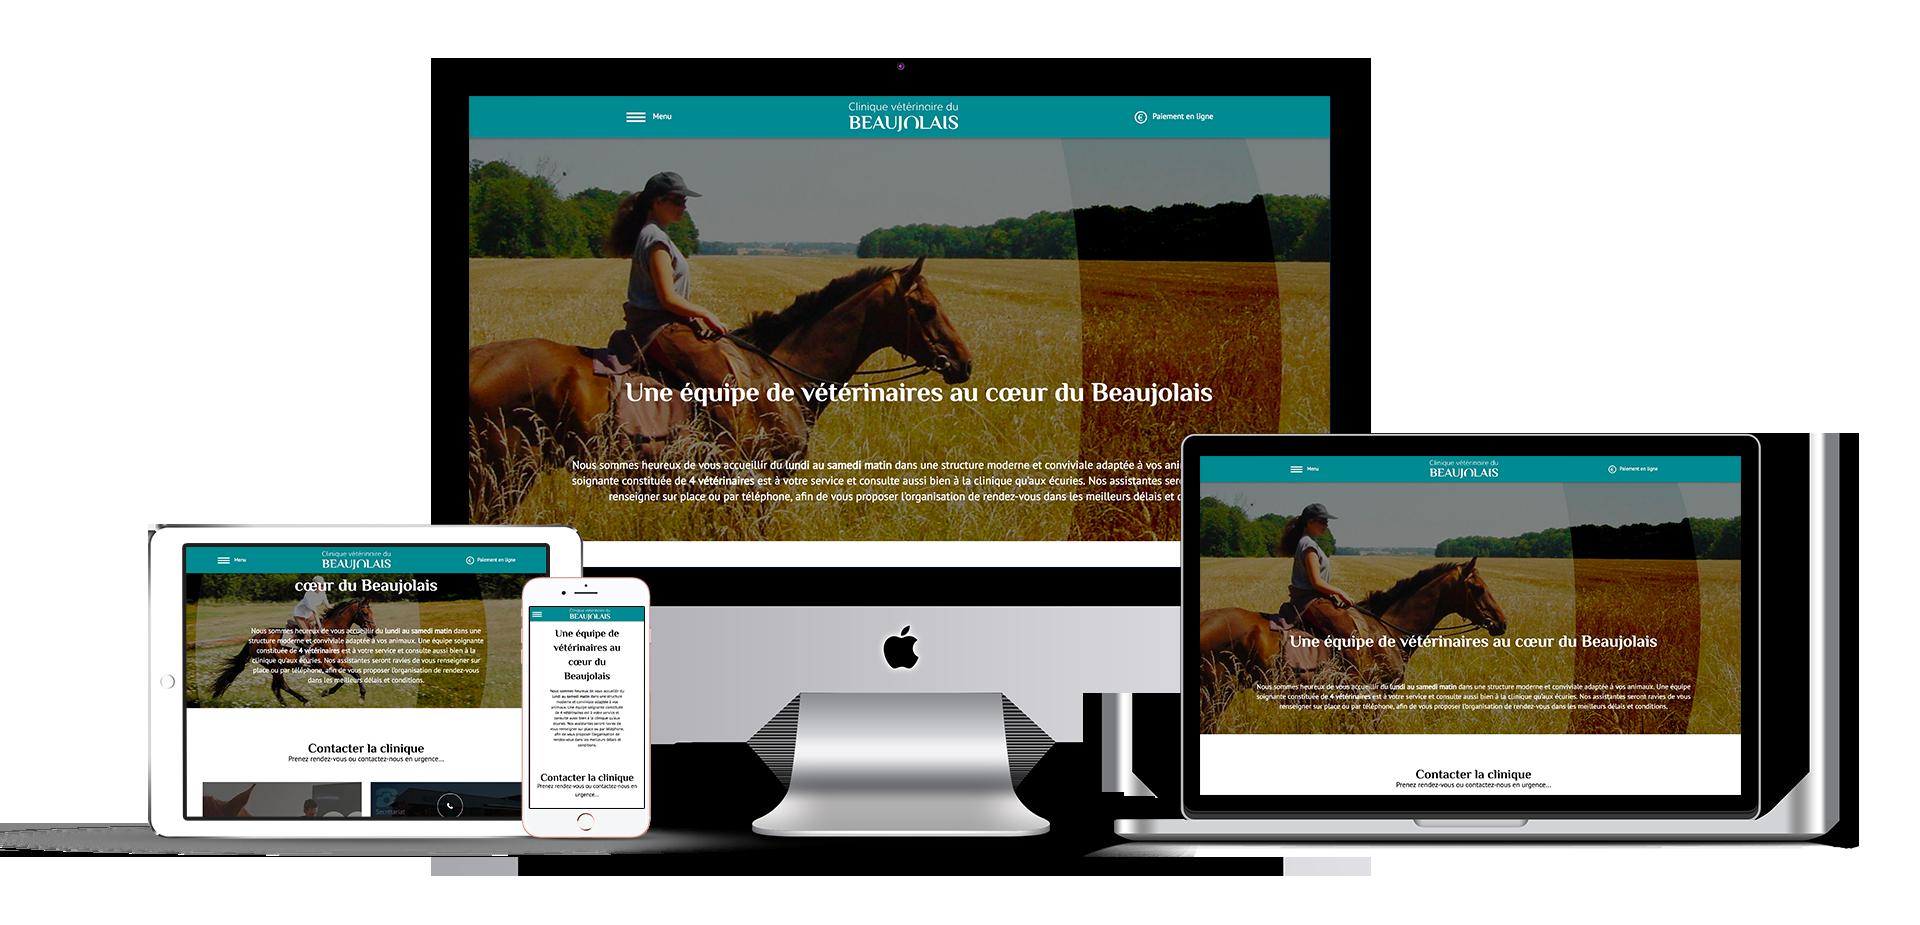 Site Internet de la Clinique Vétérinaire du Beaujolais présenté sur différents supports digitals